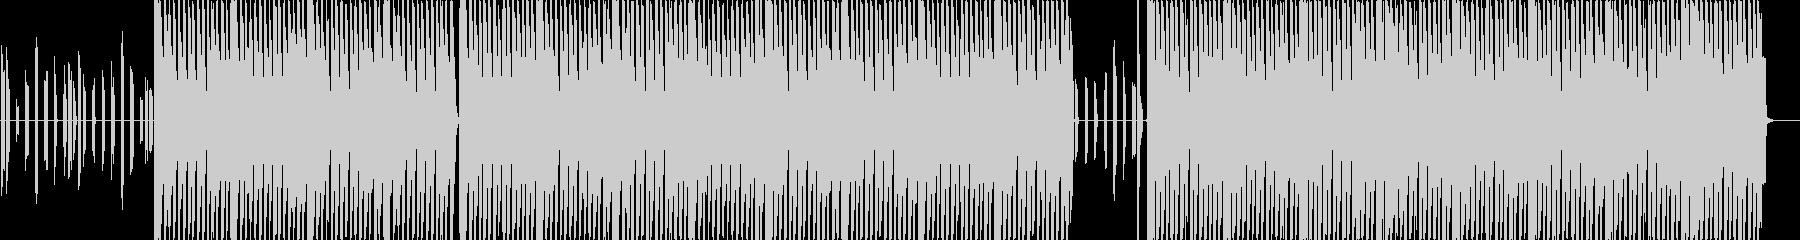 エレクトリックなディスコポップスの未再生の波形